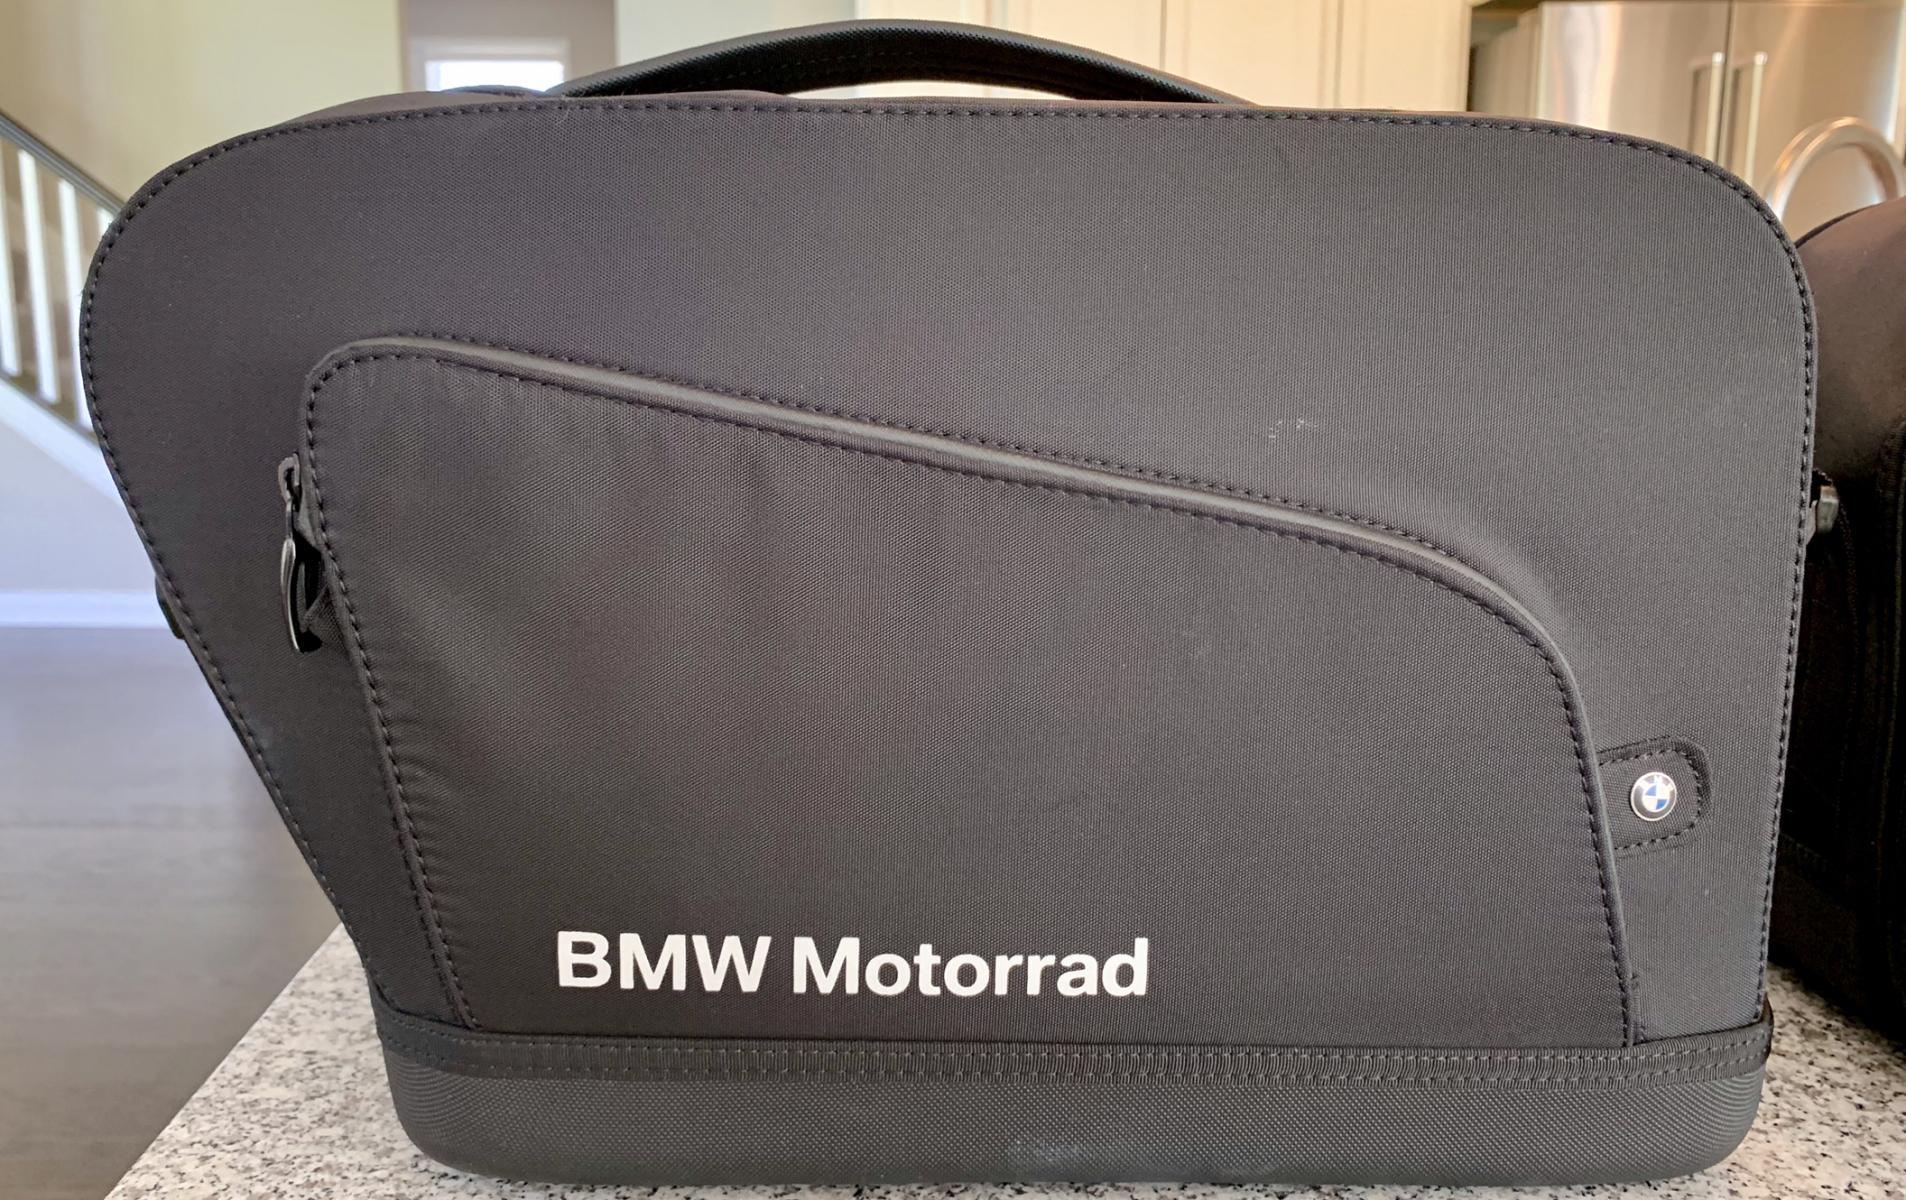 OEM Saddlebag Liners - BMW K1600 Forum : BMW K1600 GT and